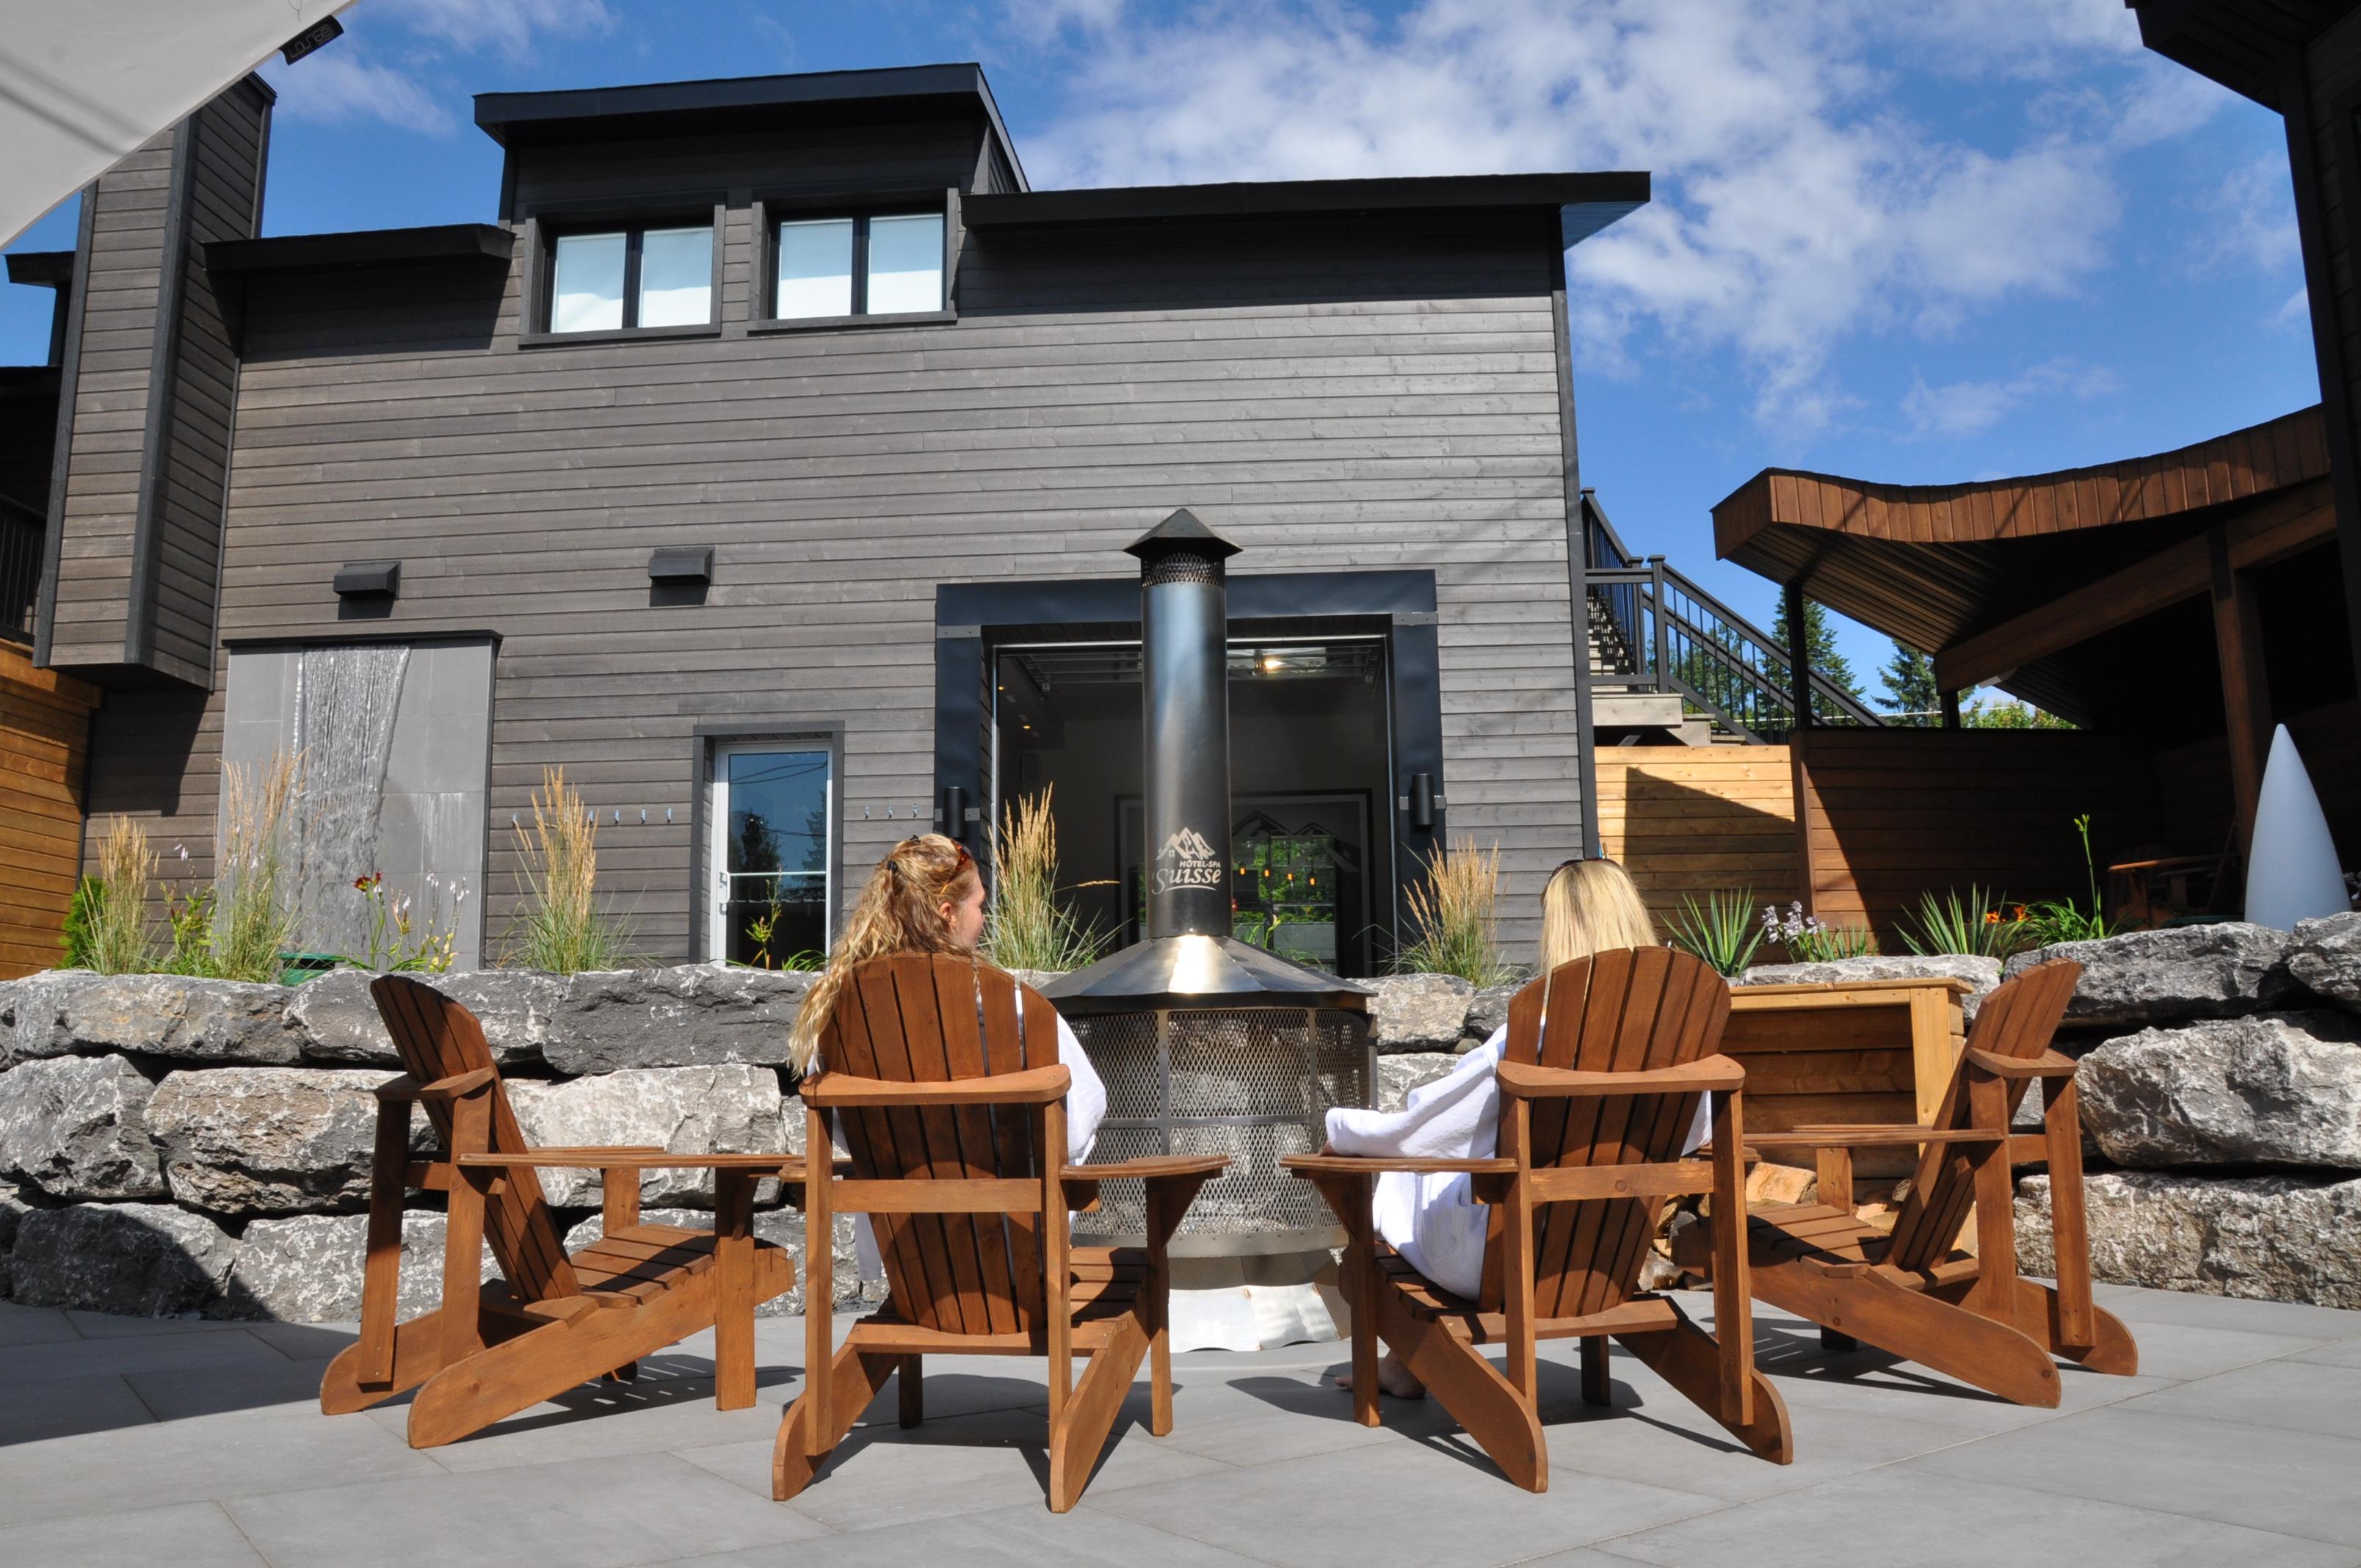 Hôtel-Spa Le Suisse aire de détente extérieure